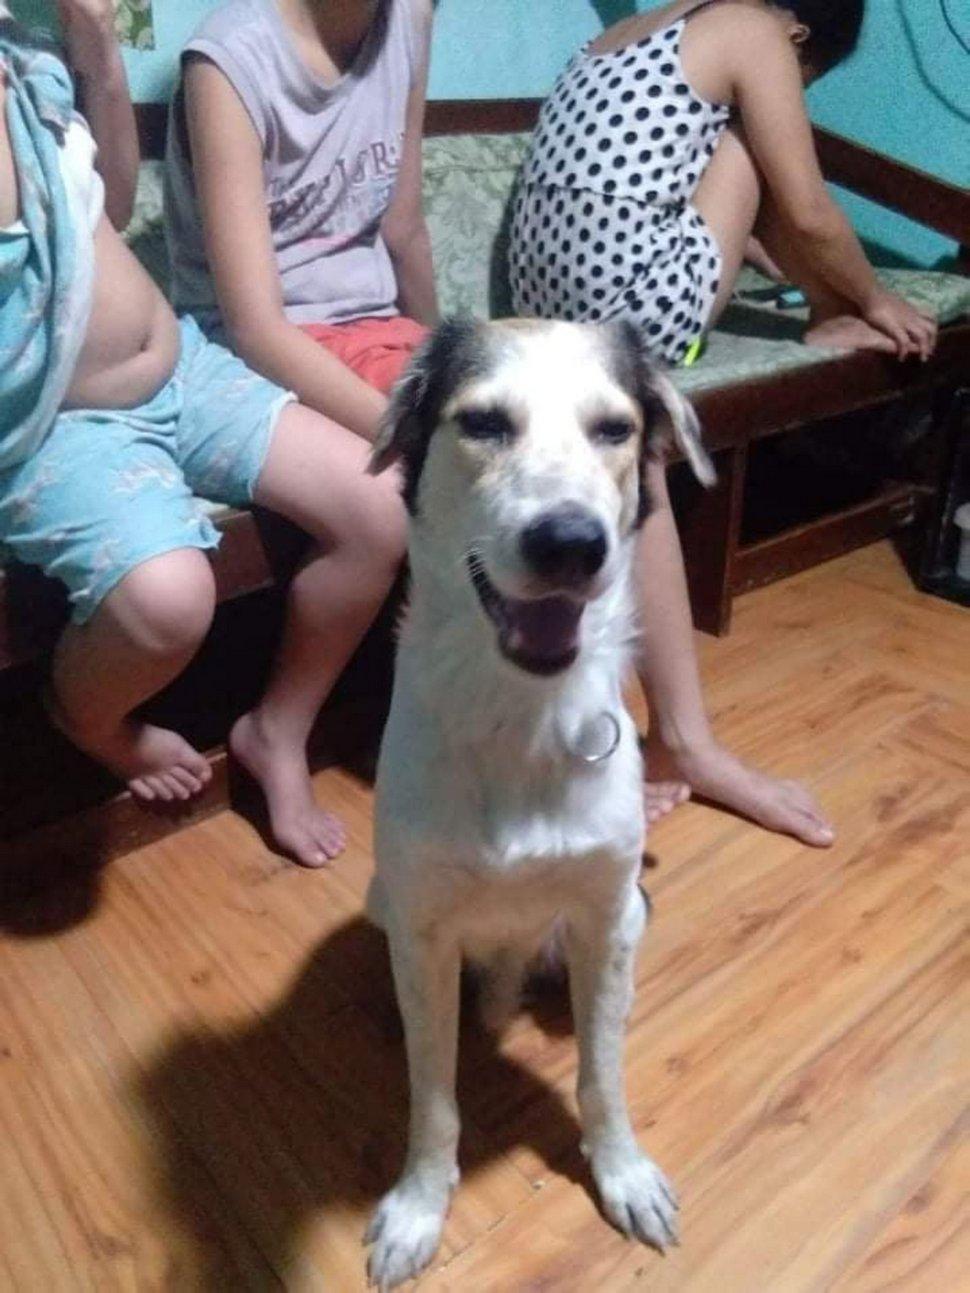 Ce chien qui avait disparu pendant des mois s'est mis à pleurer quand son propriétaire l'a enfin retrouvé